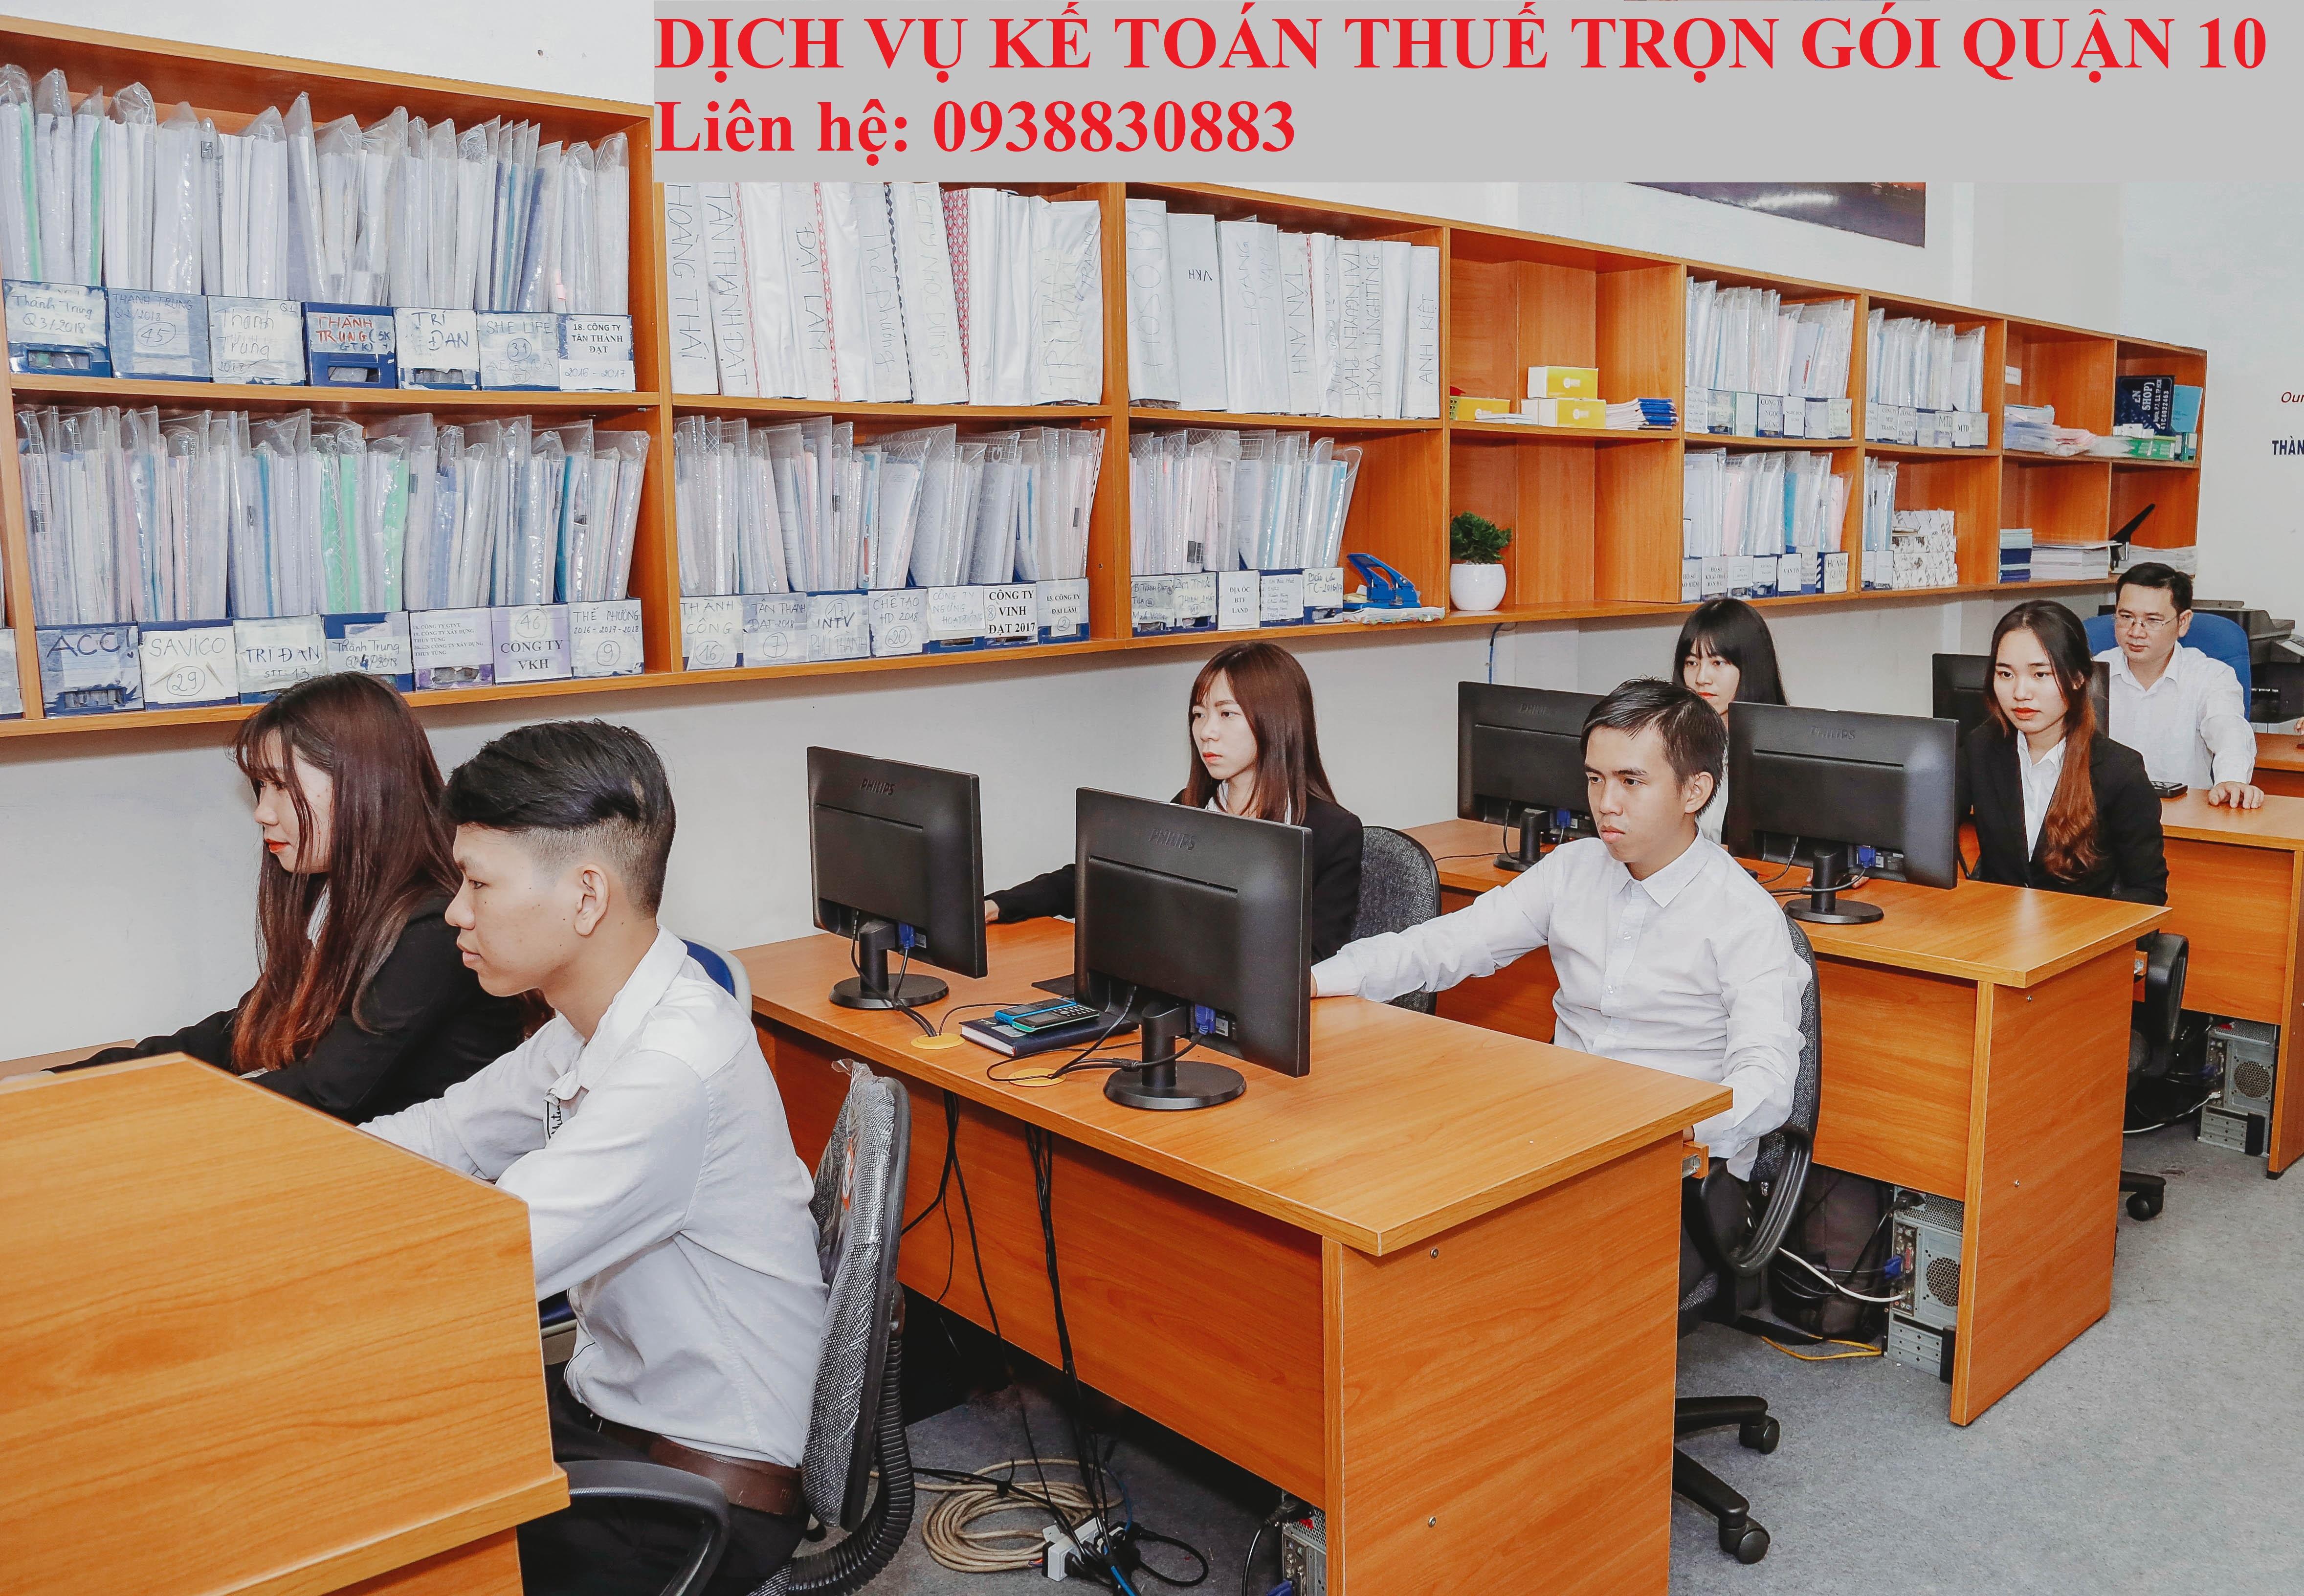 Dịch vụ kế toán Thuế Quận 10